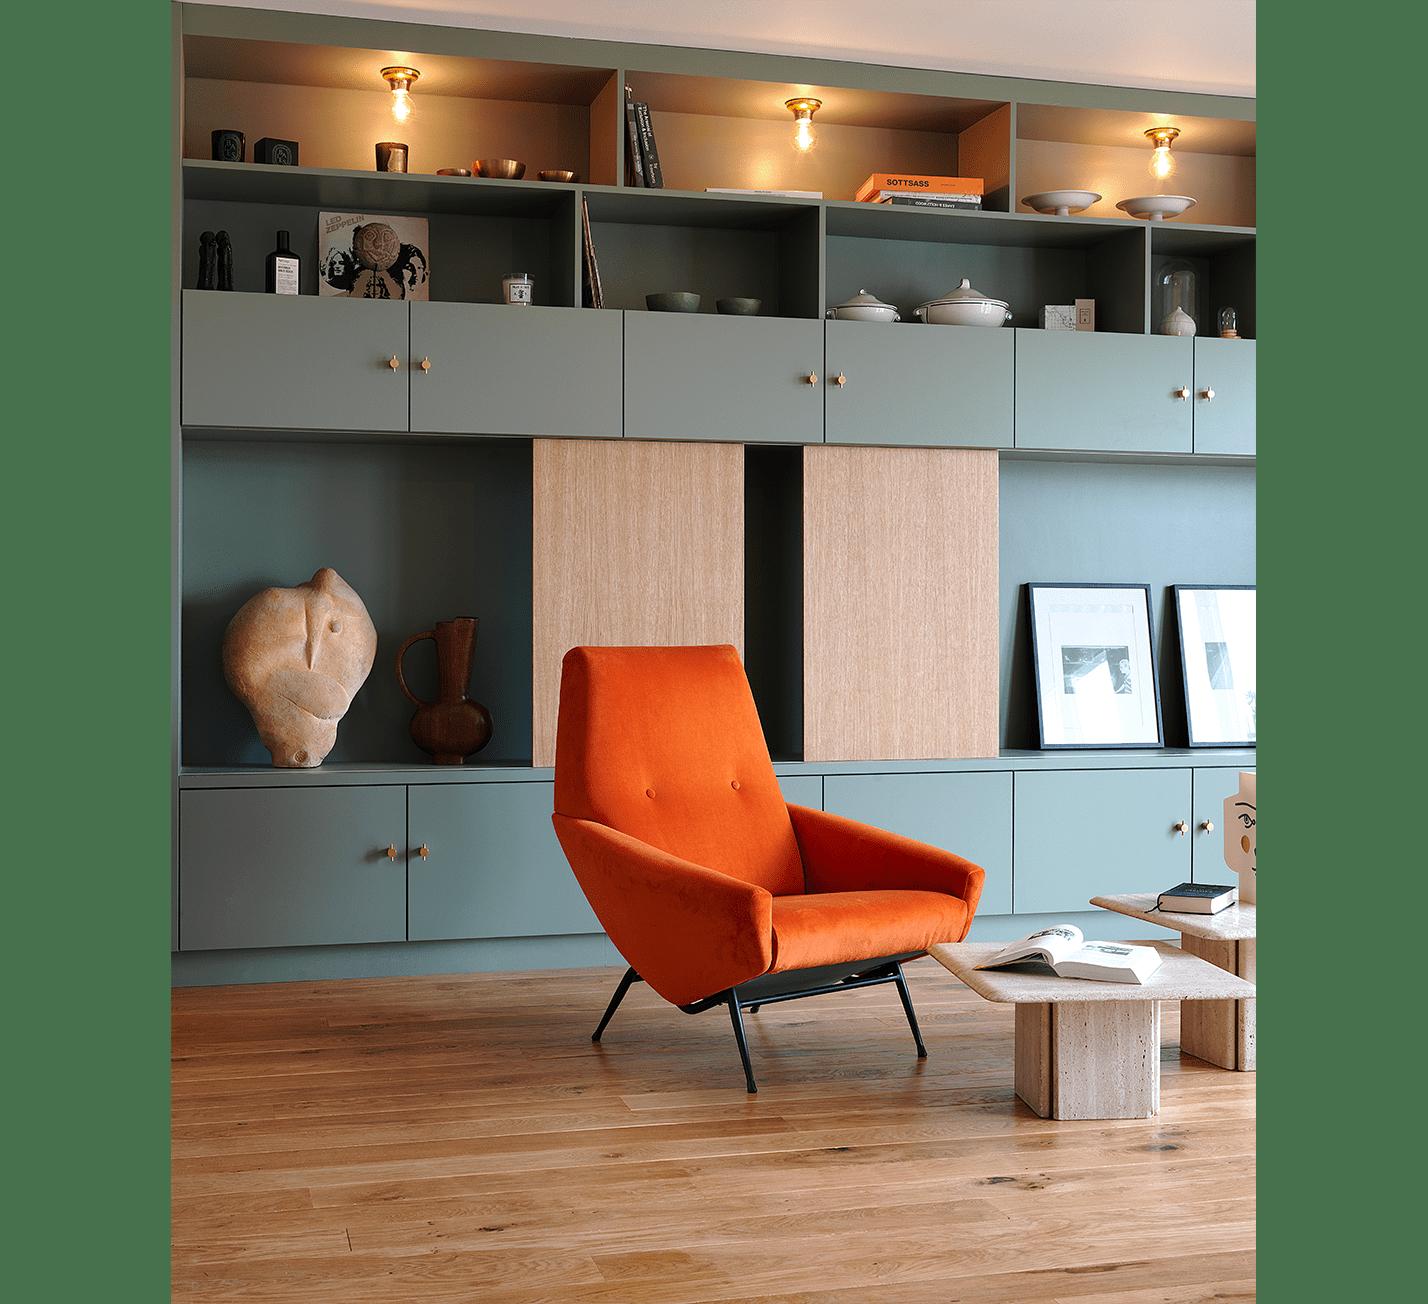 Projet-Est-Atelier-Steve-Pauline-Borgia-Architecture-interieur-05-min